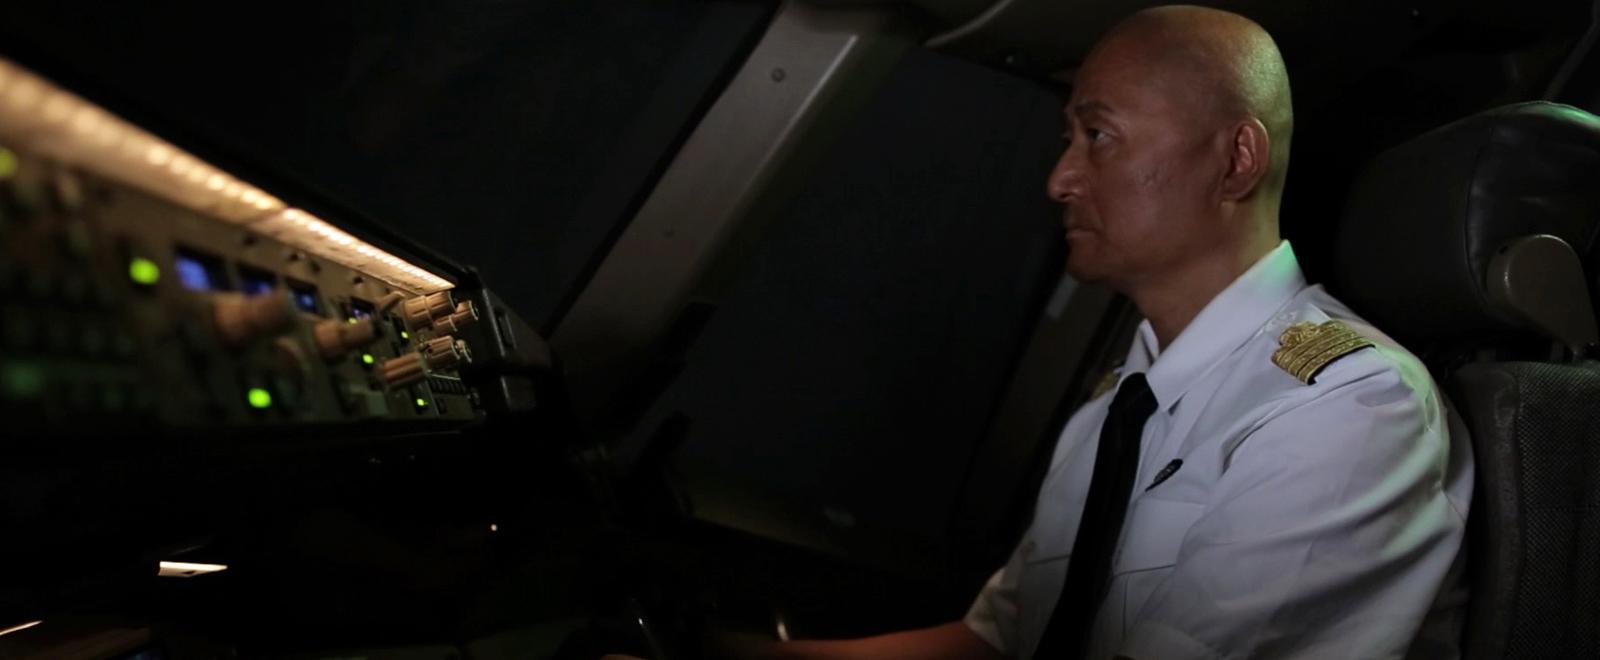 L'enigma del volo MH370